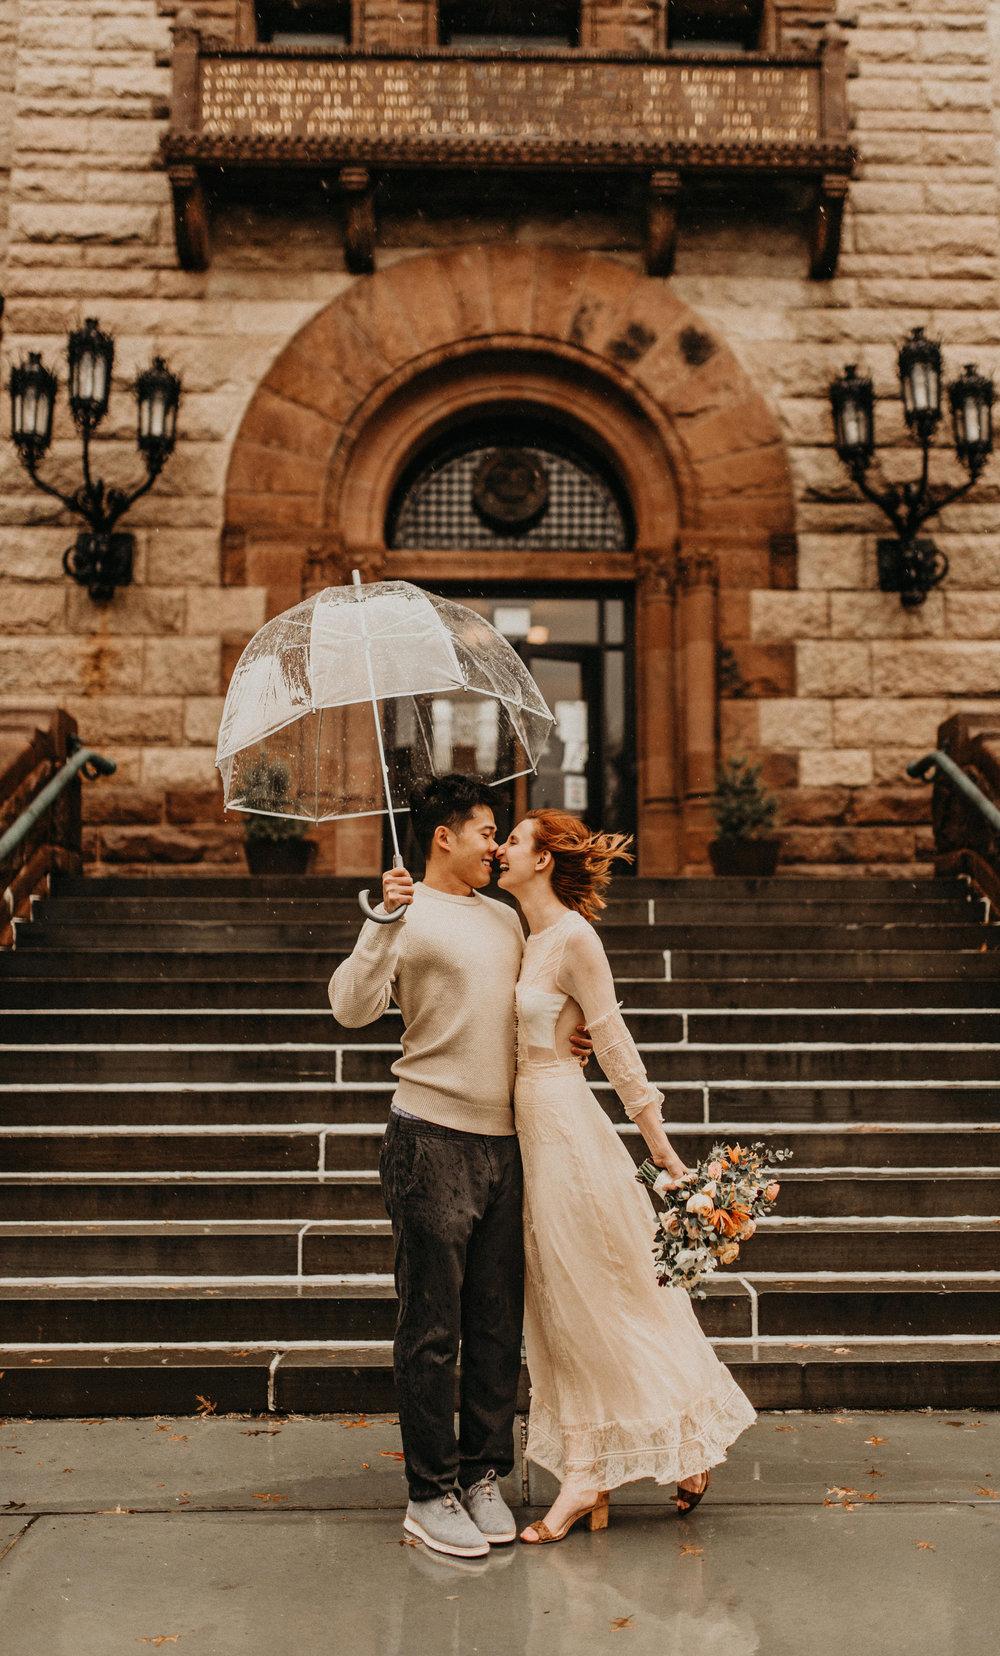 wei-claire-wedding-42.jpg